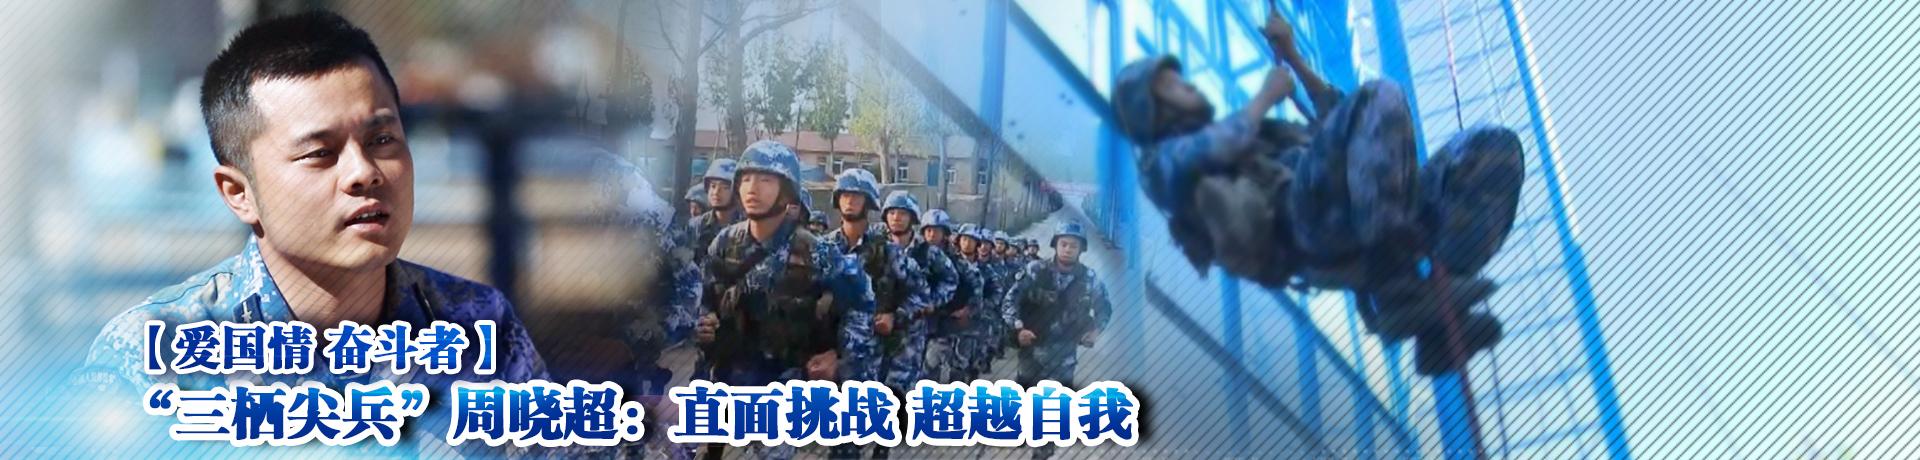 """""""三棲尖兵""""周曉超:直面挑戰 超越自我"""